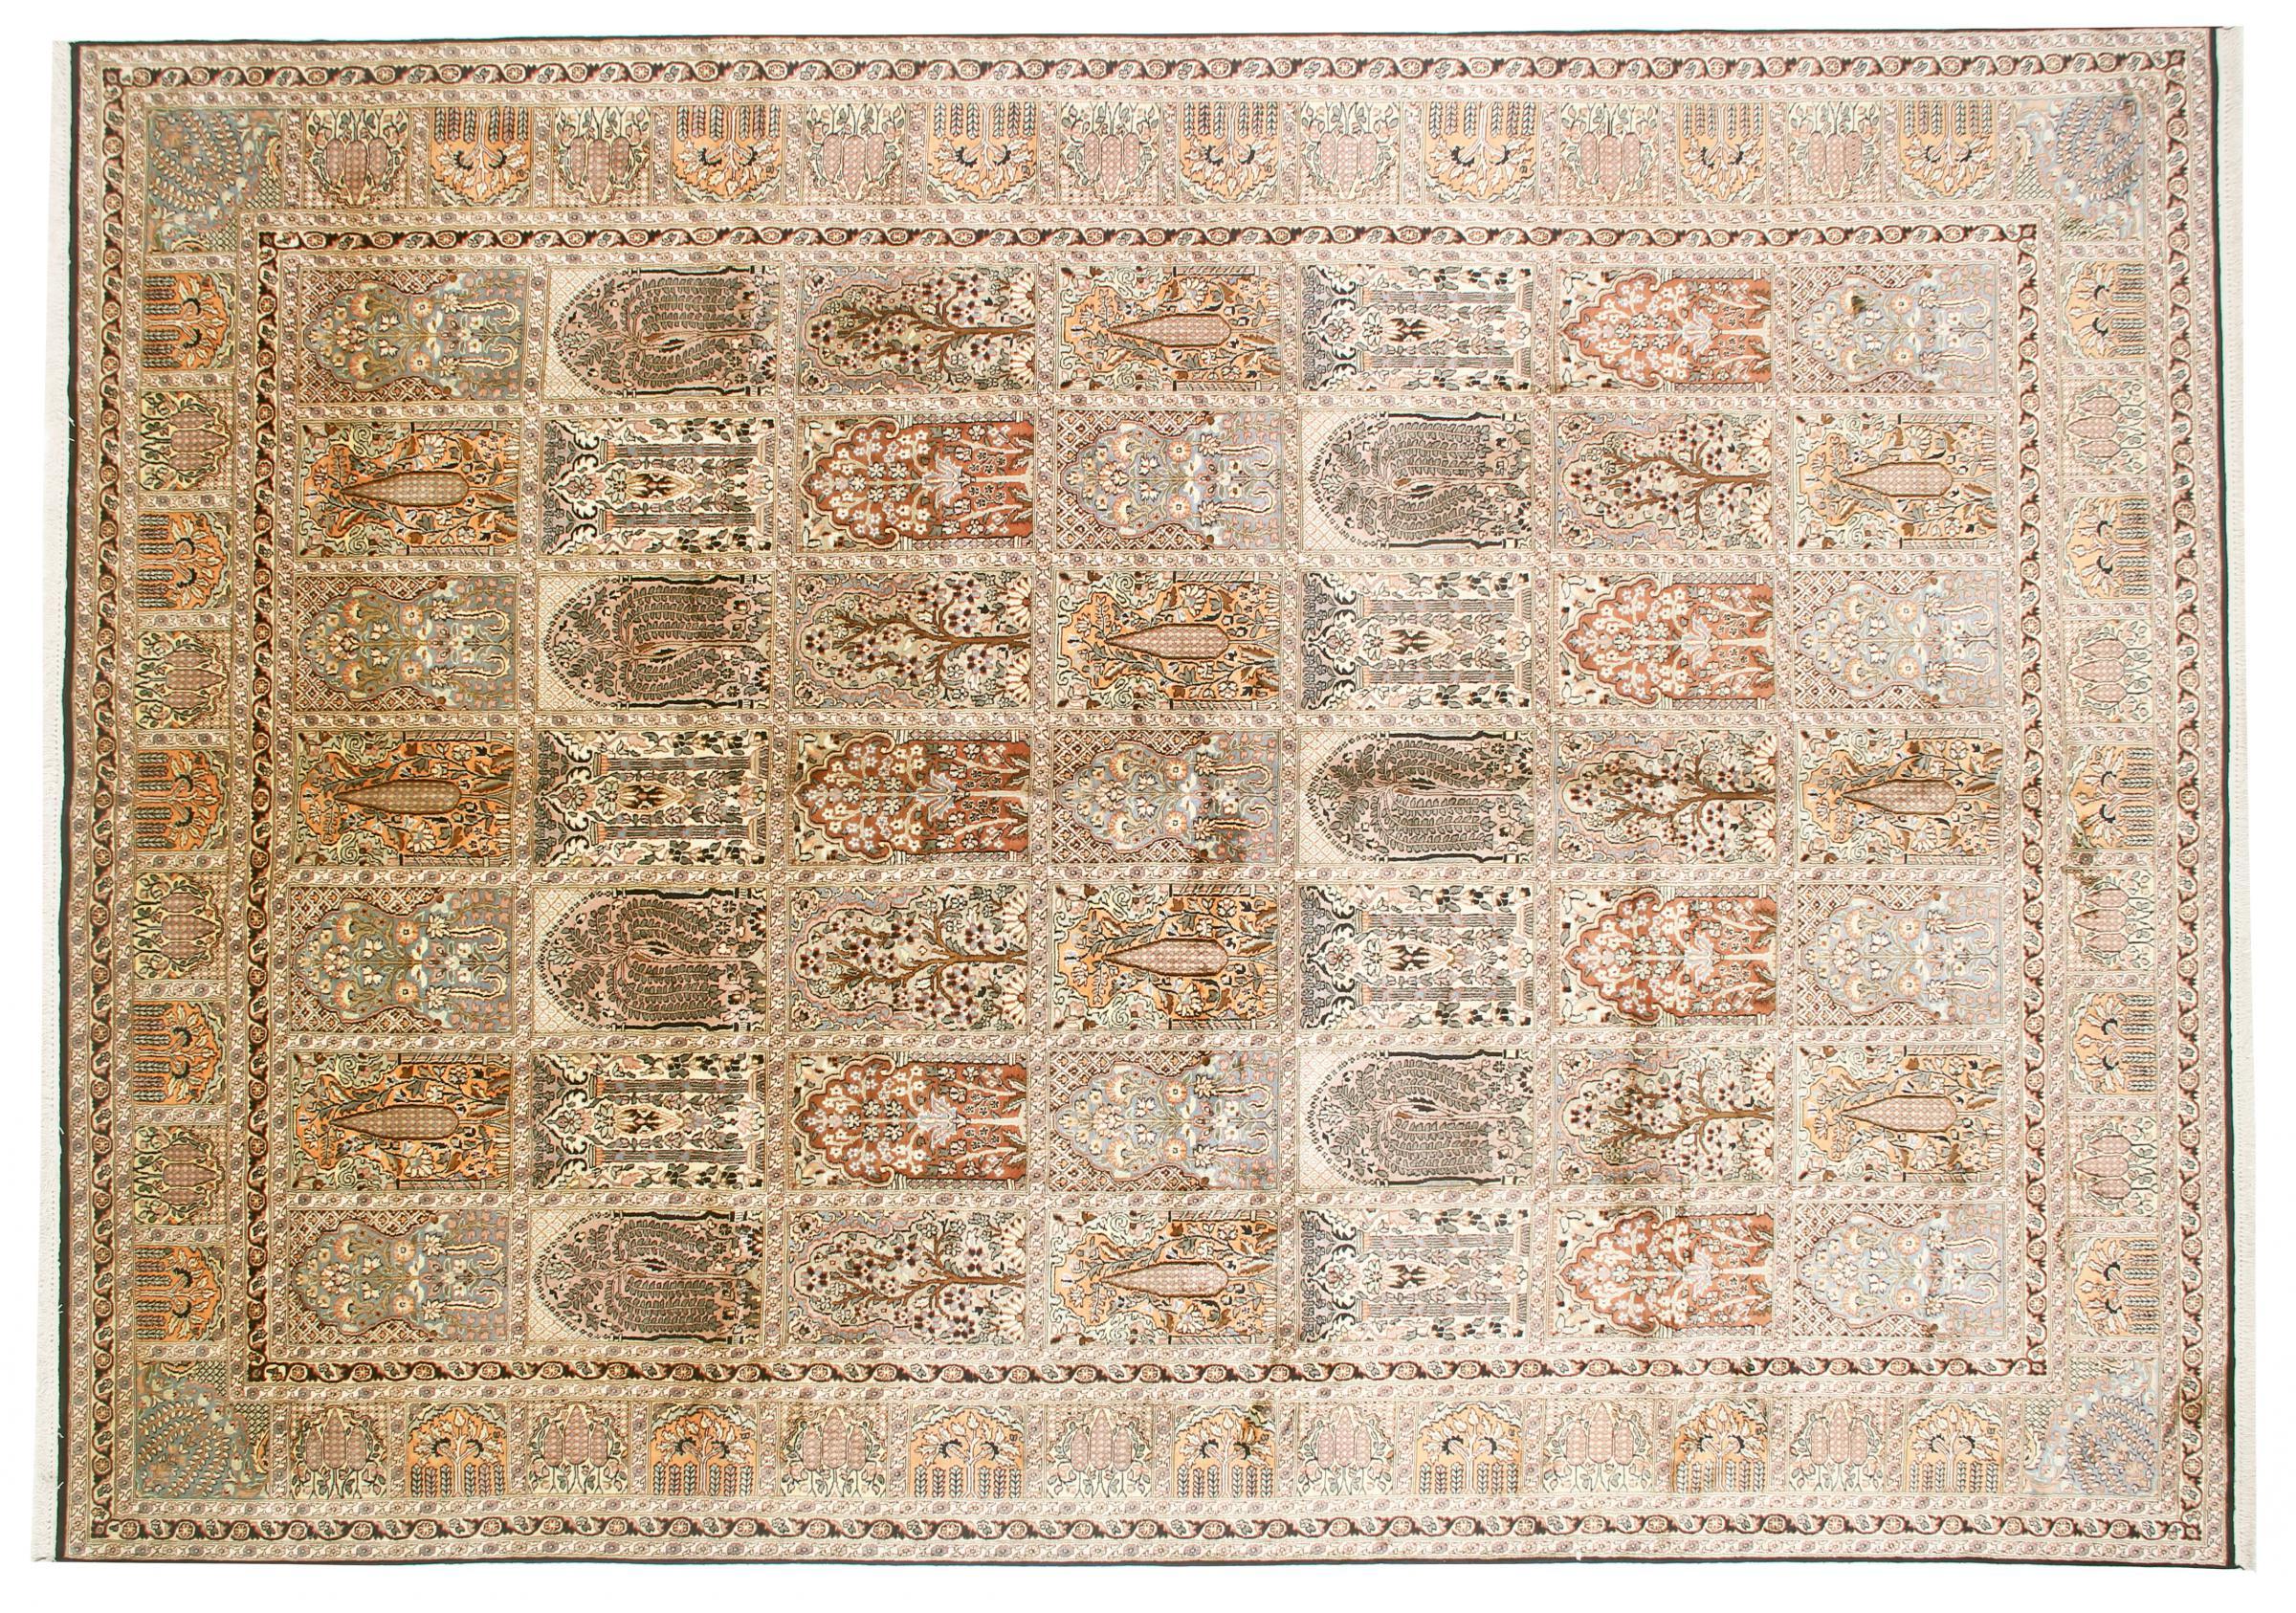 kaschmir reine seide indischer teppich 343x246 id33016. Black Bedroom Furniture Sets. Home Design Ideas